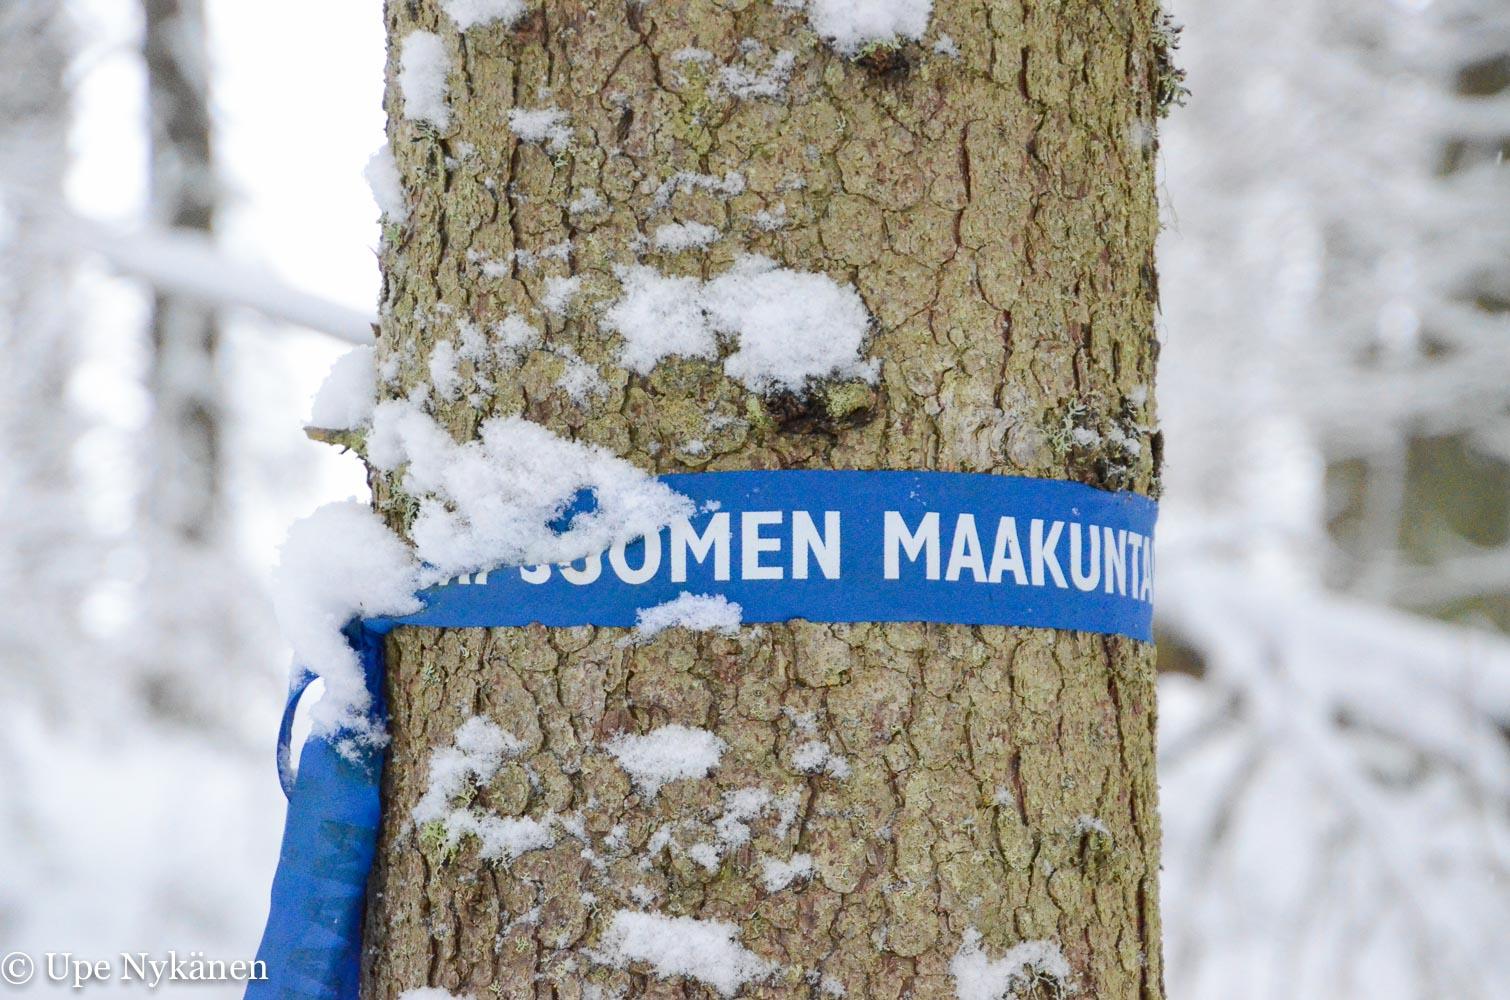 Keski-Suomen maakuntauran nauha